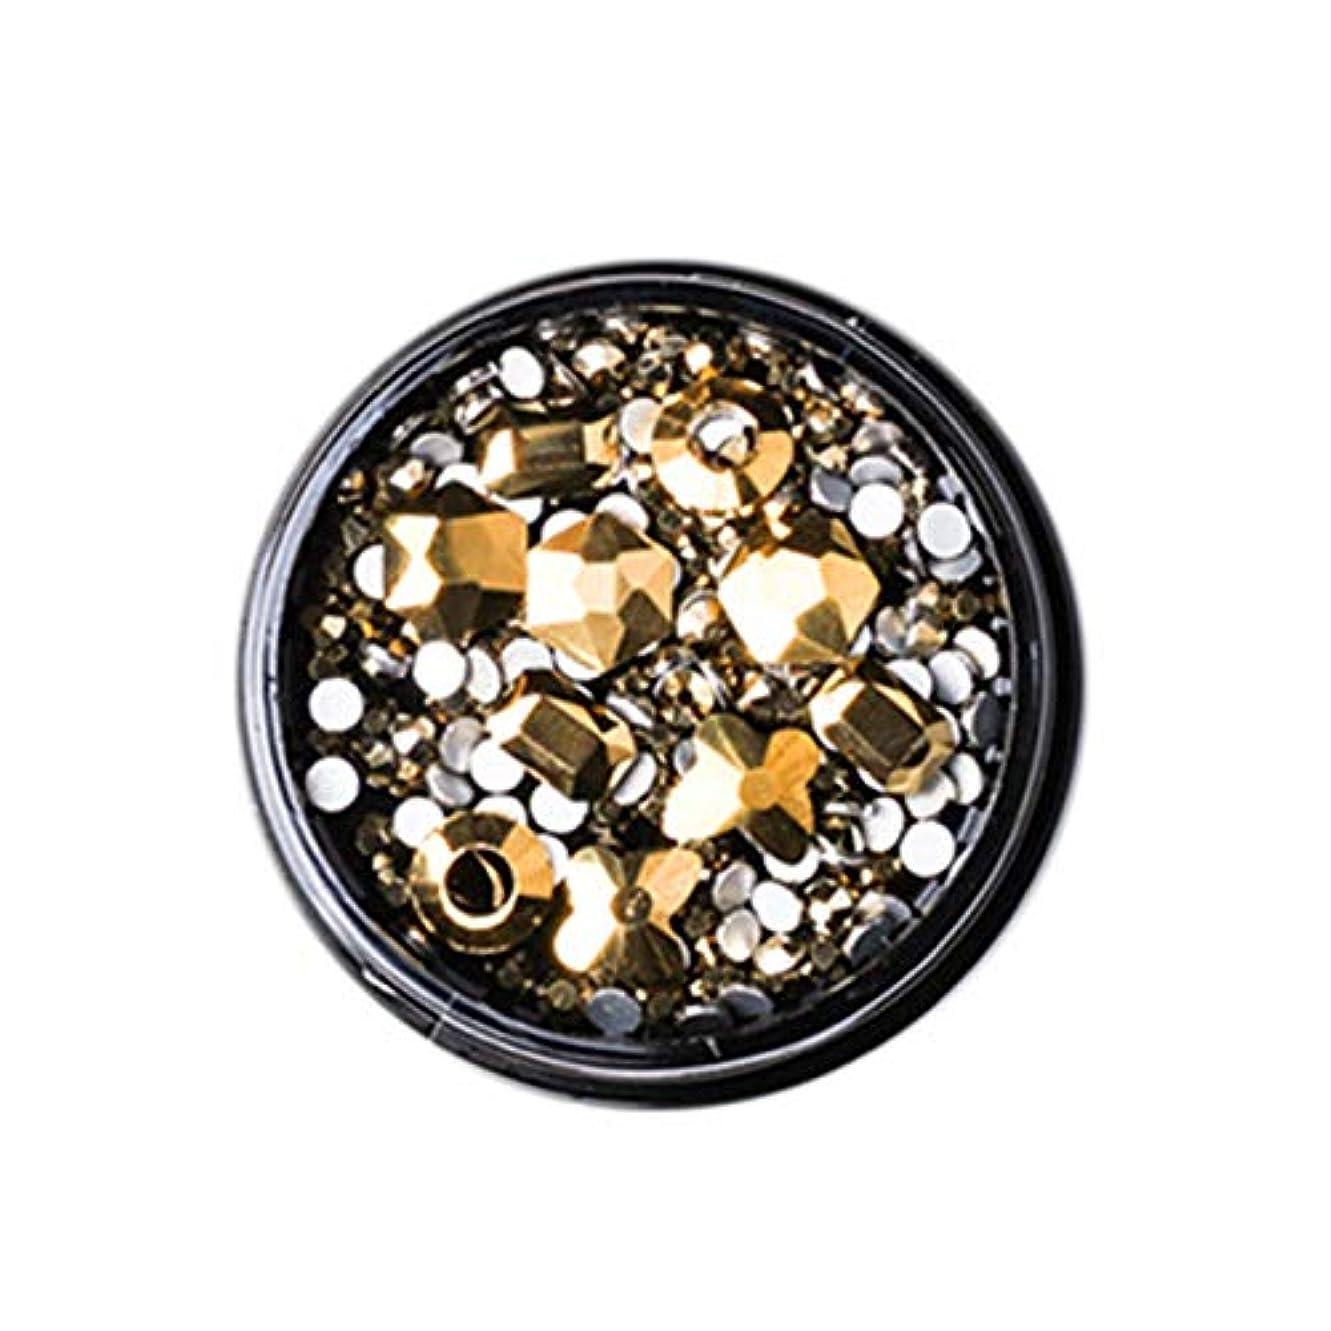 孤独な安全性武装解除Gaoominy 1ボックス混合3dラインストーンネイルアートの装飾クリスタル宝石ジュエリーゴールド光沢のある石チャームガラスマニキュアアクセサリー、ゴールド